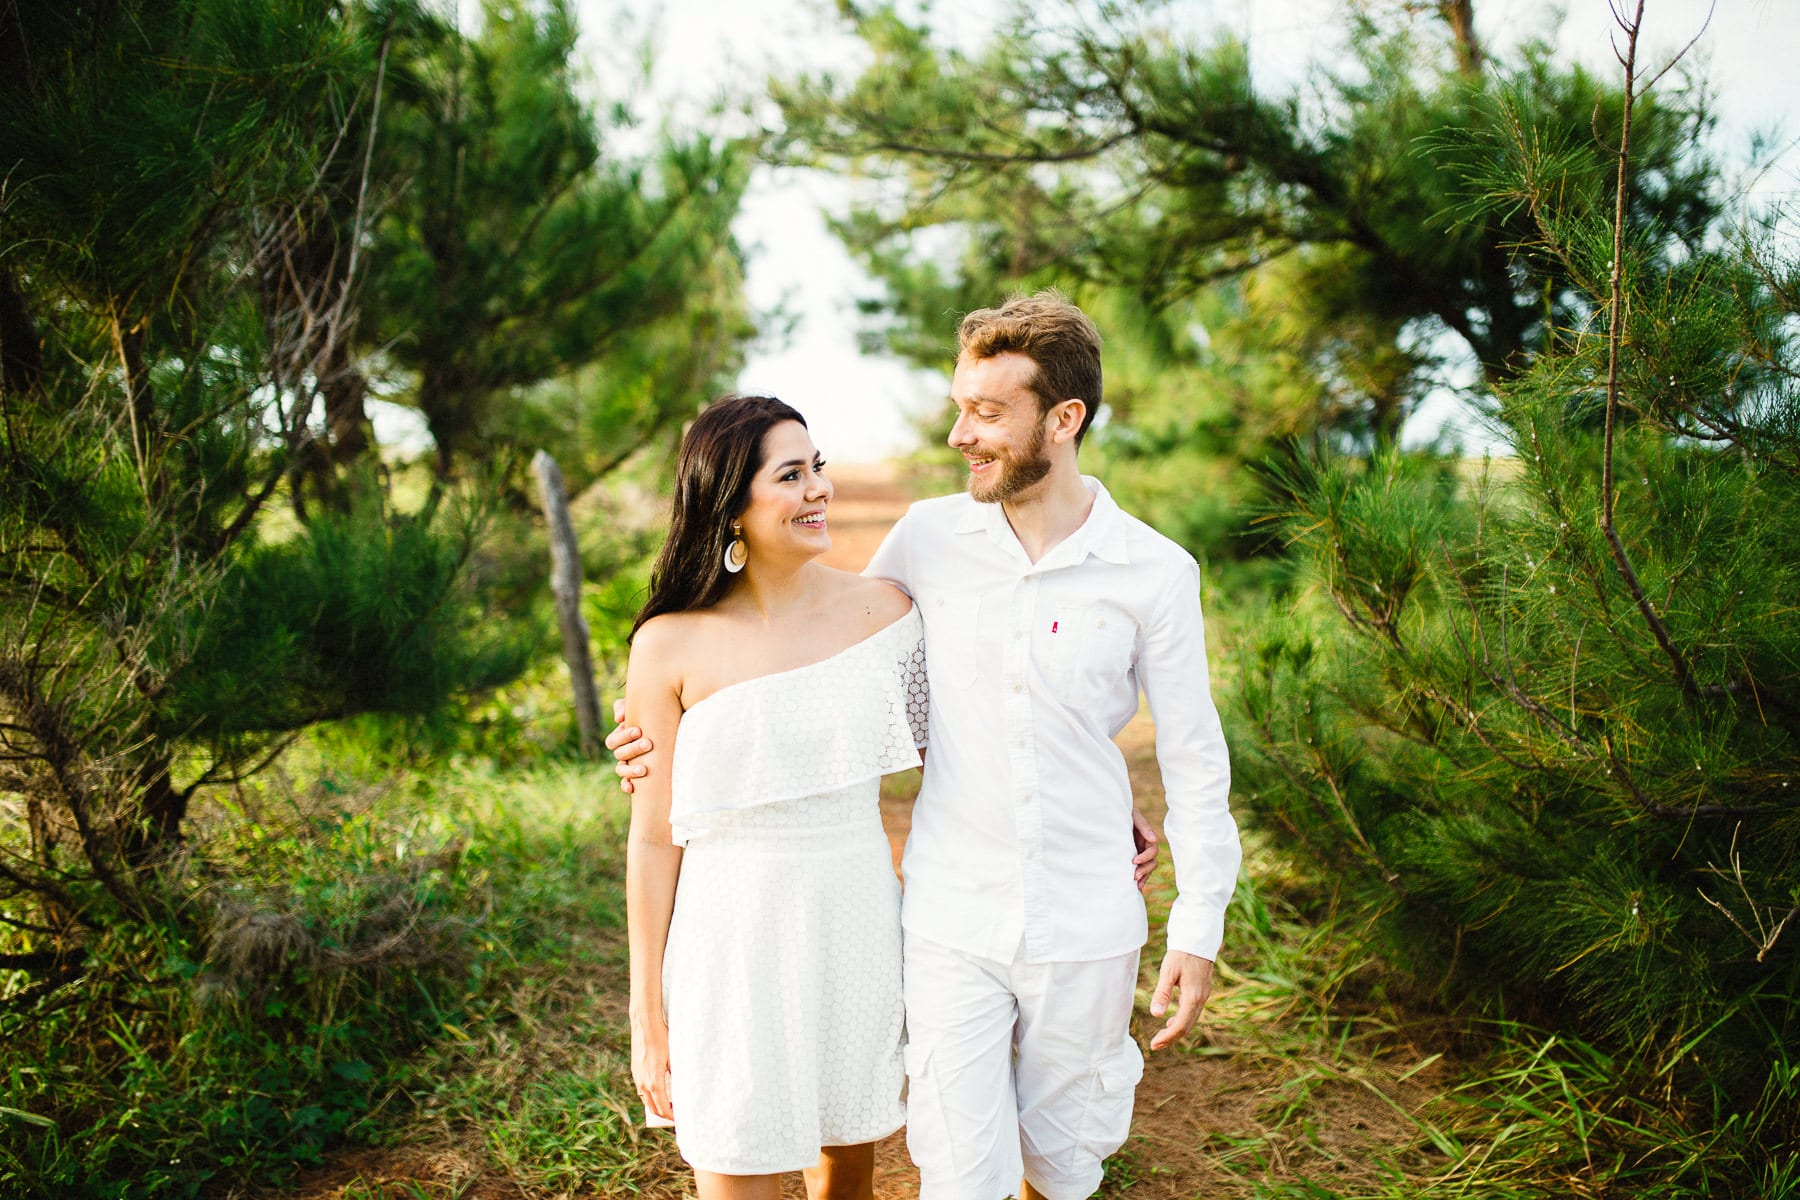 ensaio pré casamento local verde